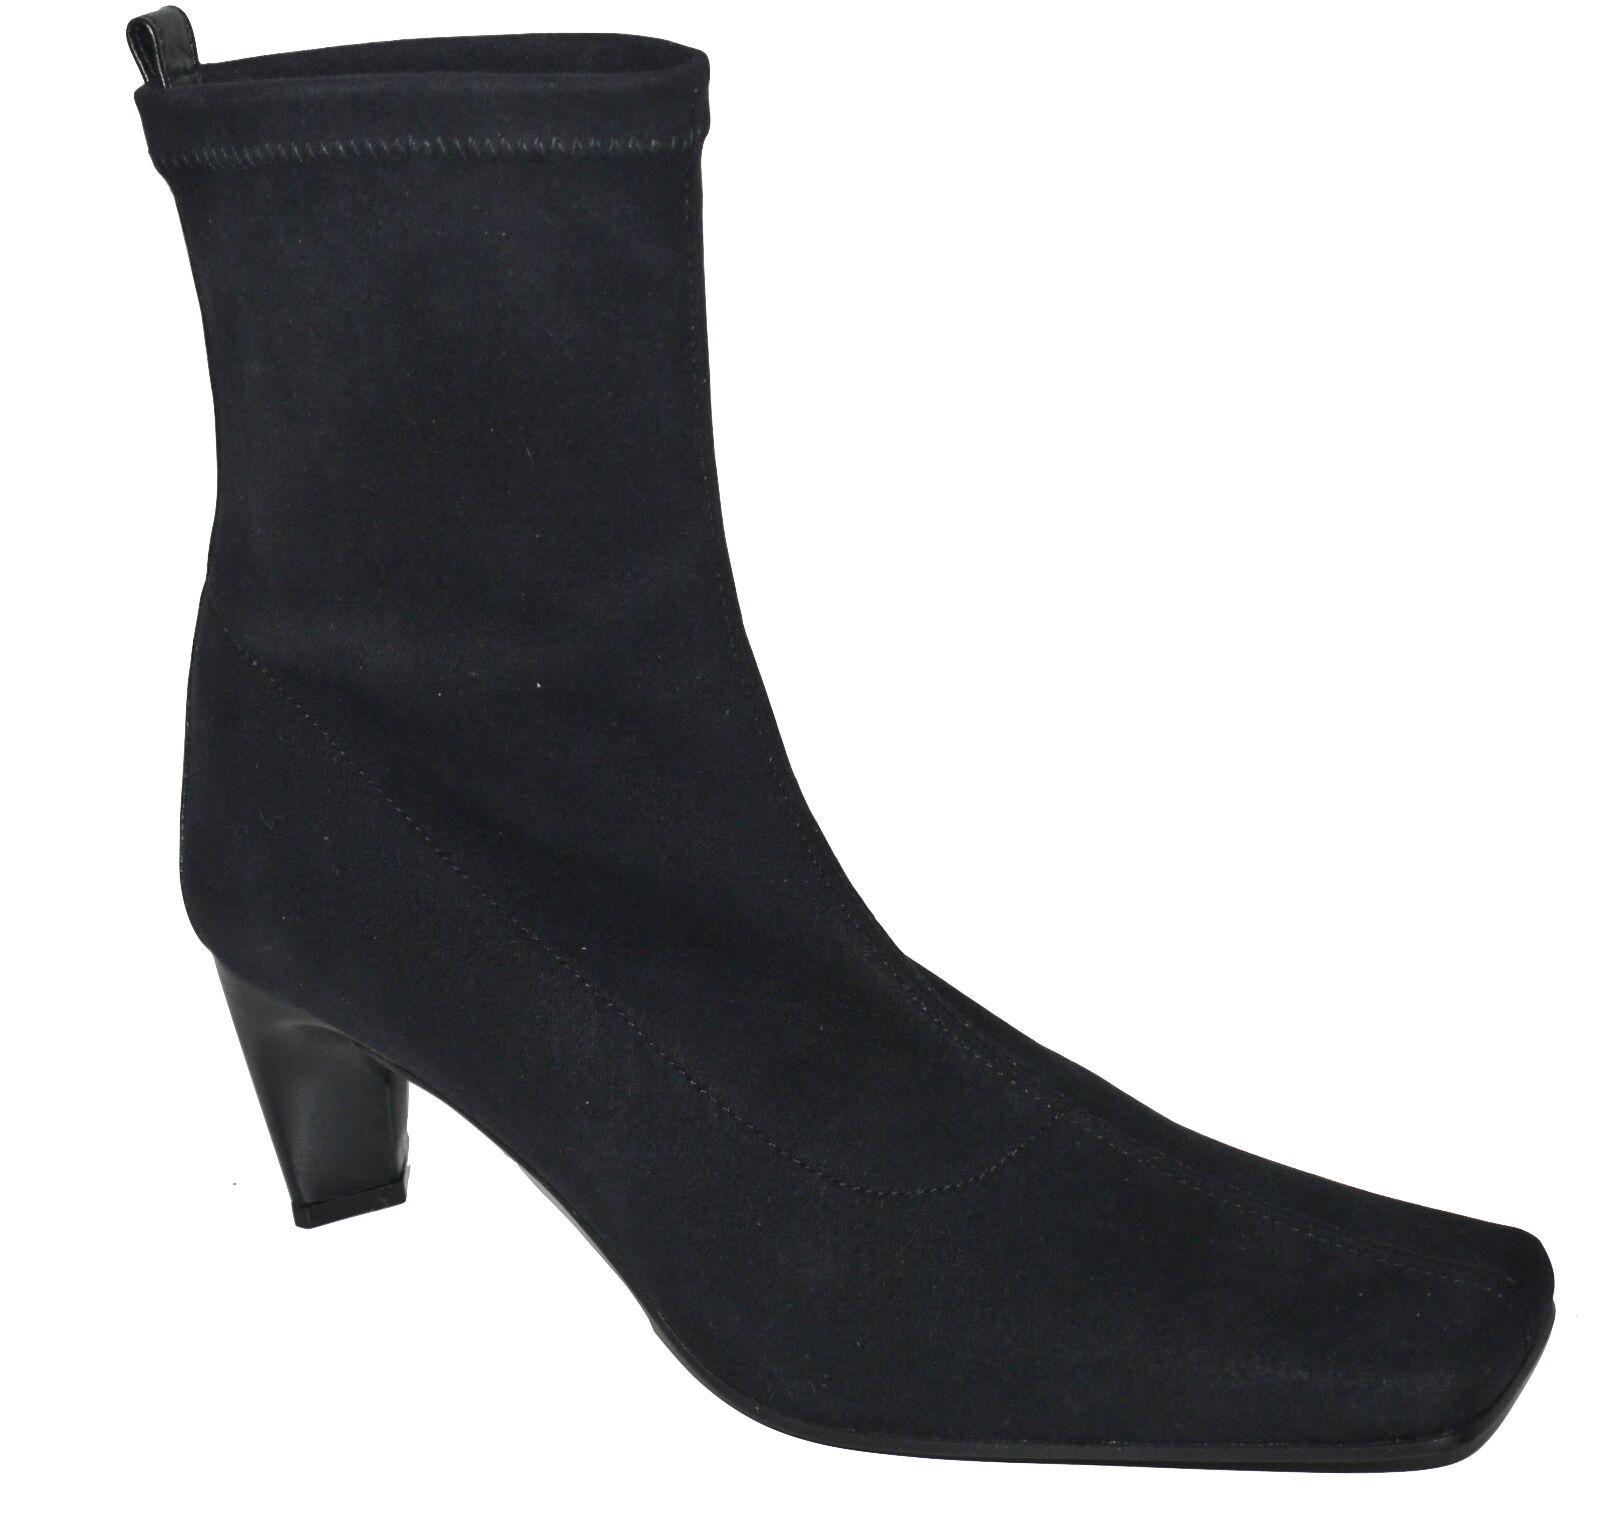 Martinez Valero Above The Ankle Black Pull On Boots UK 2.5 EU 35.5 NWOB